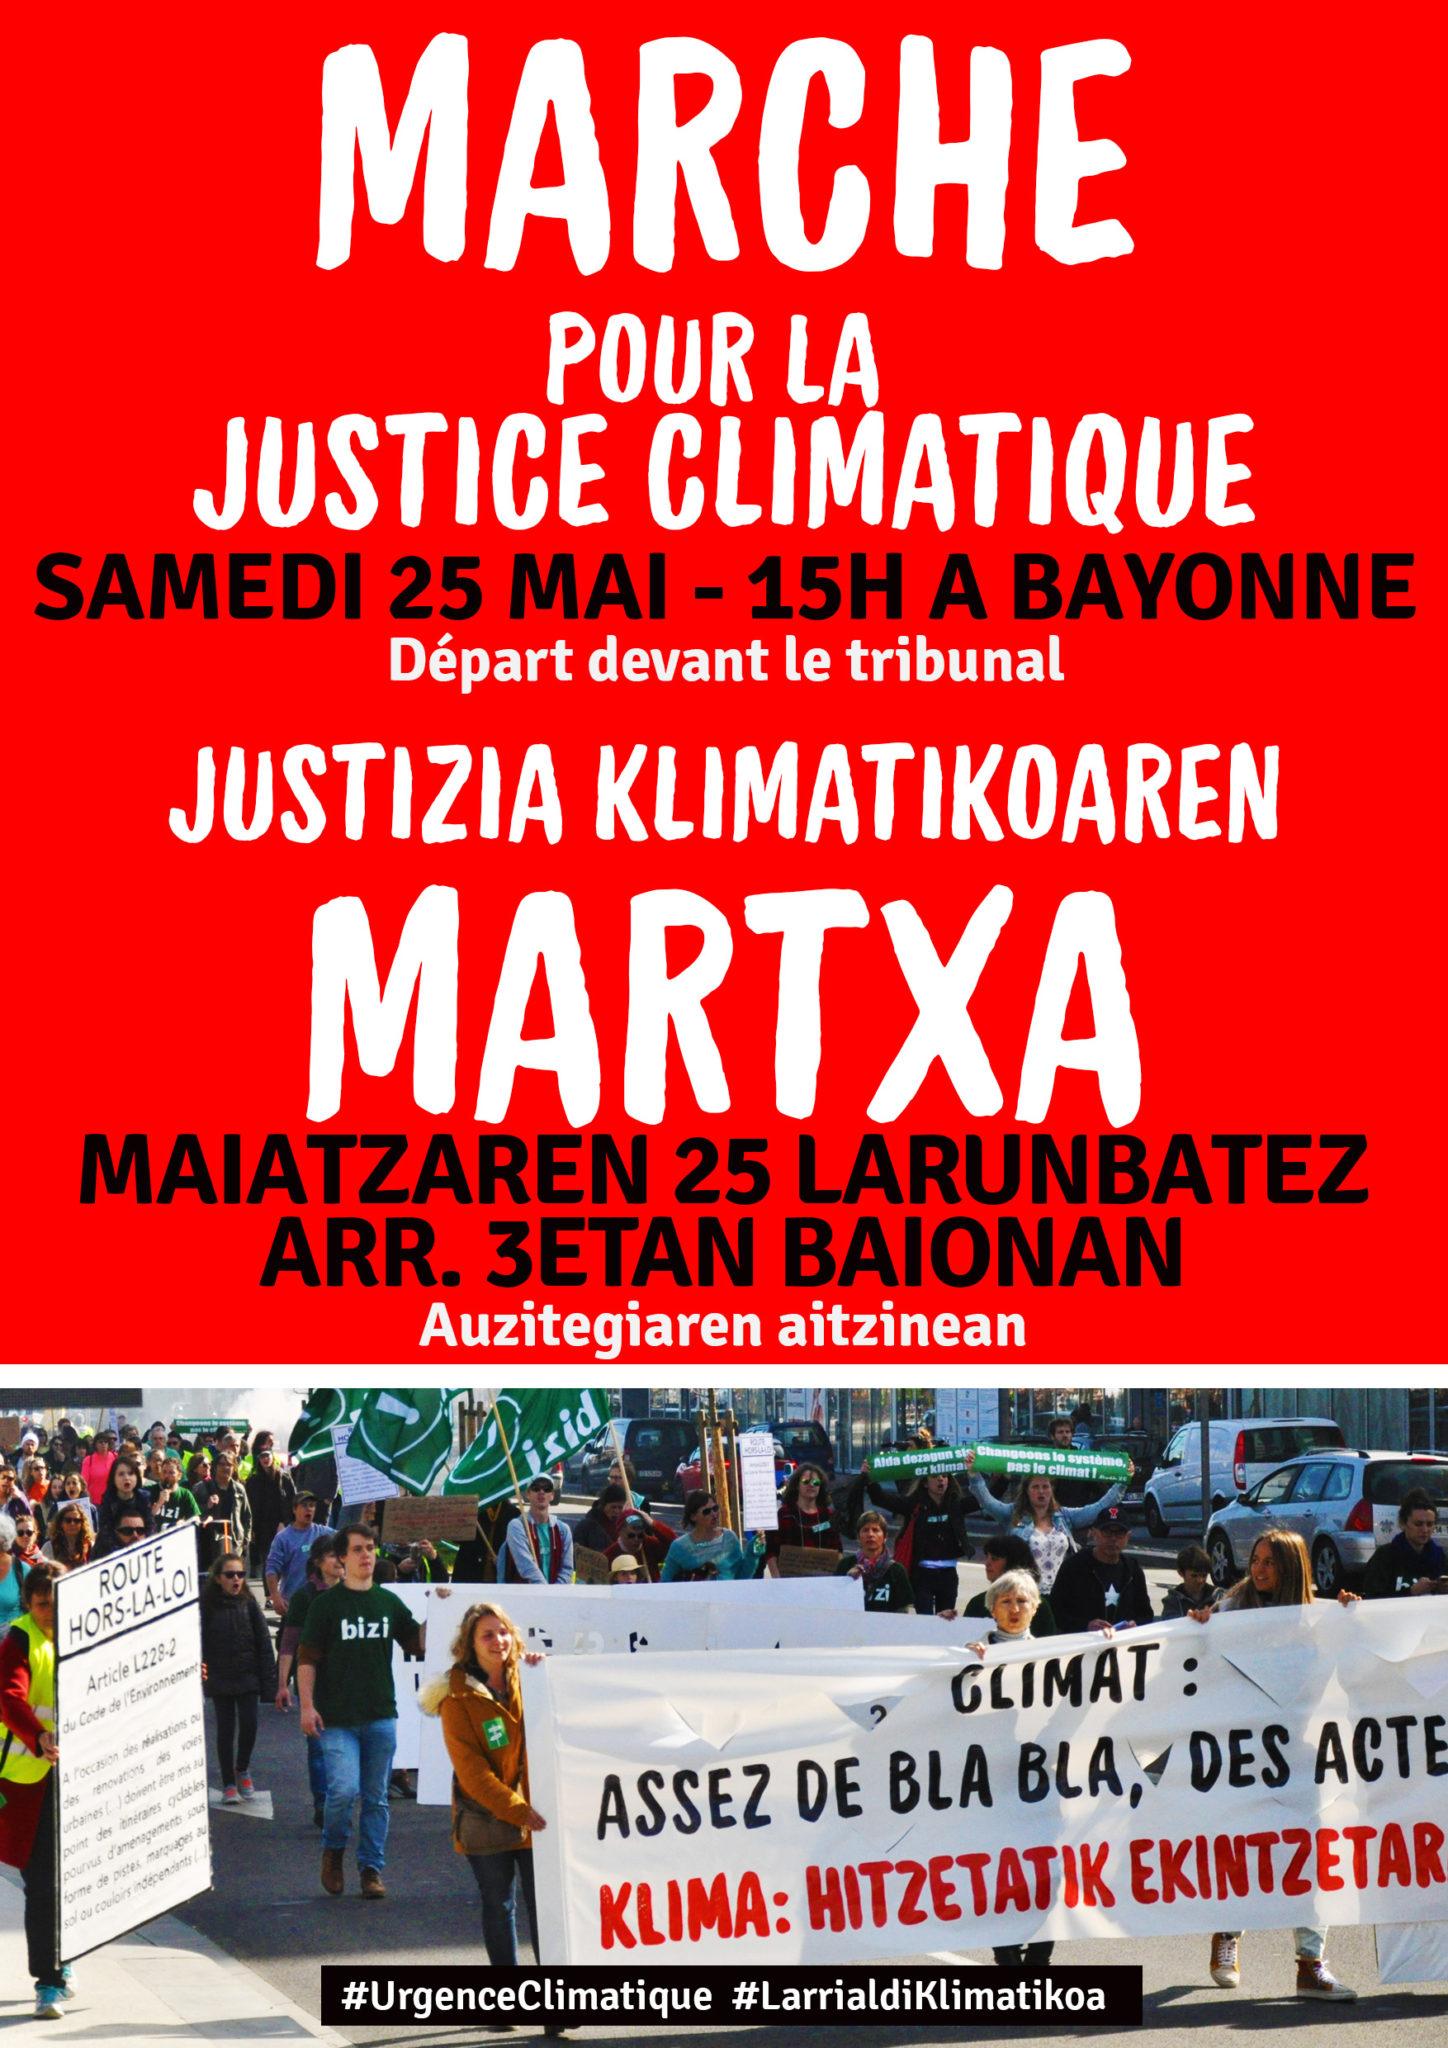 Marche pour la justice climatique Justizia klimatikoaren aldeko martxa